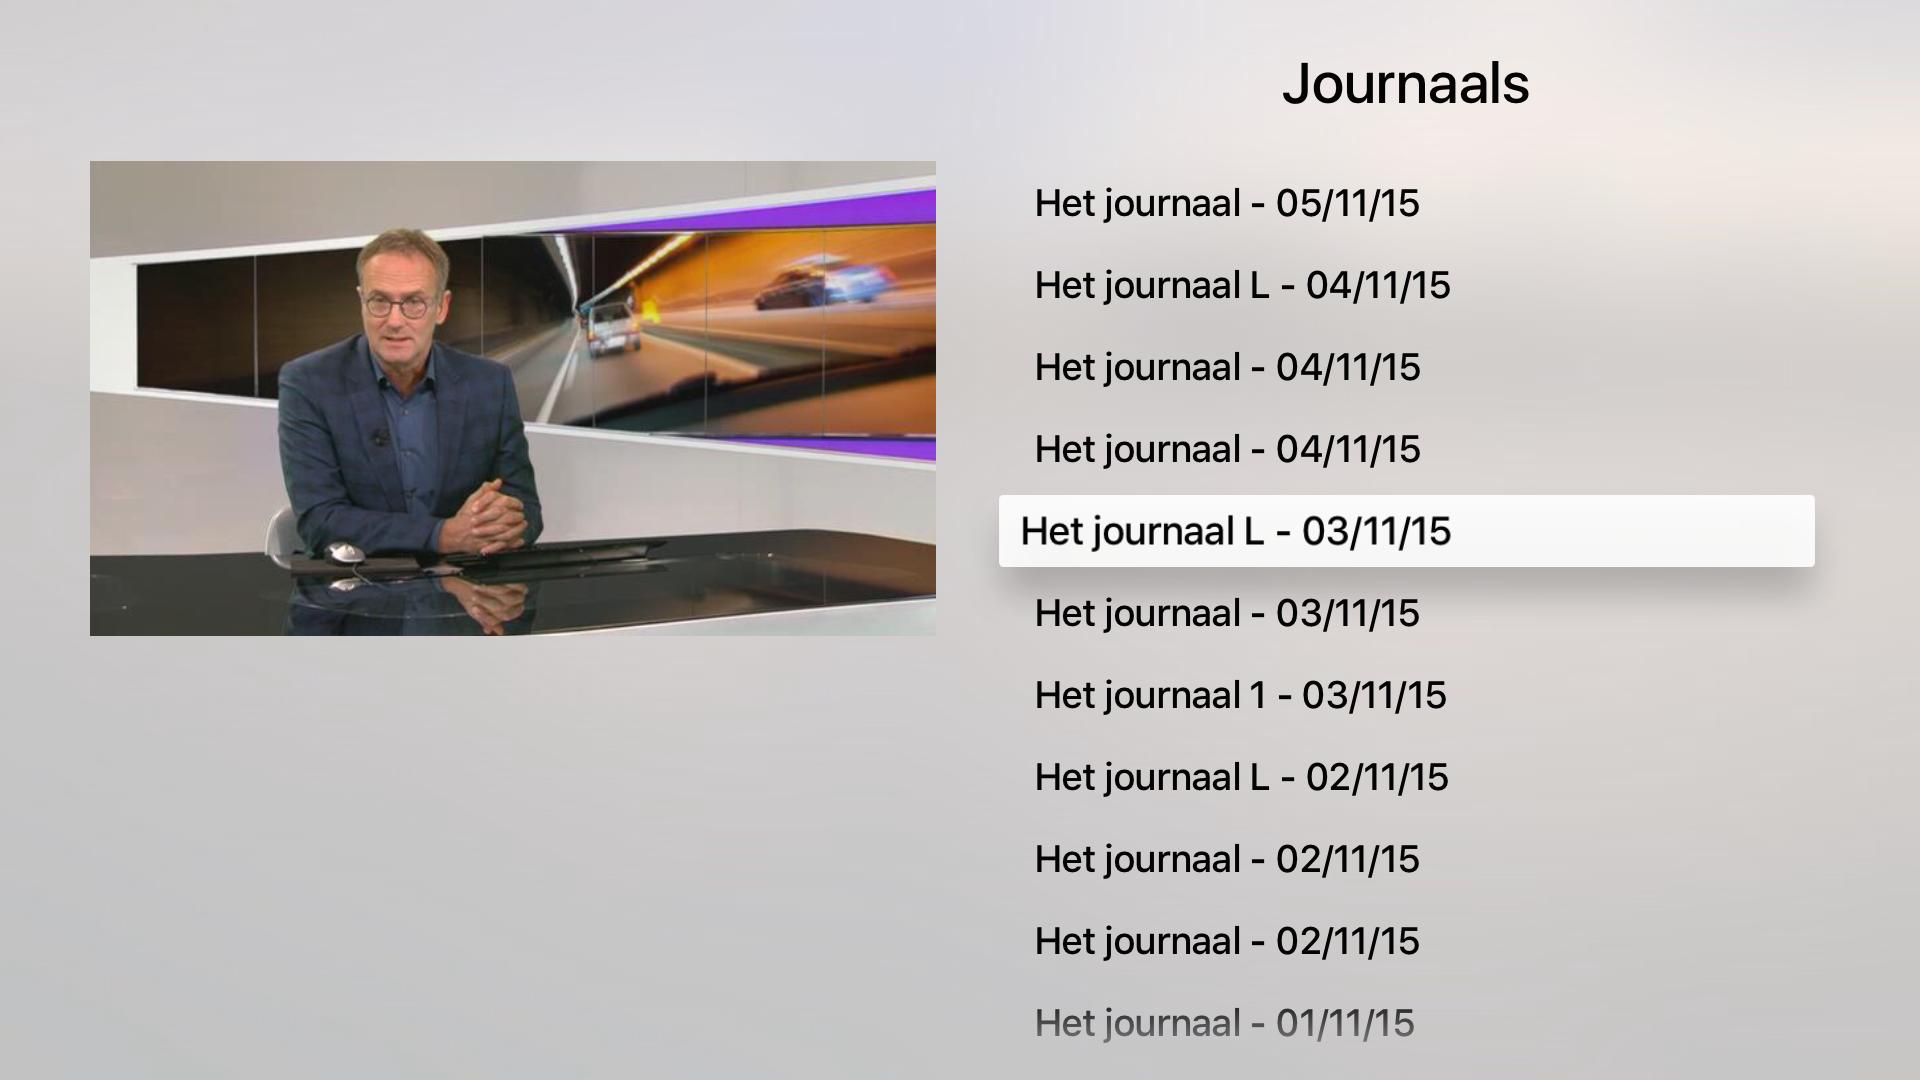 journaal-archief